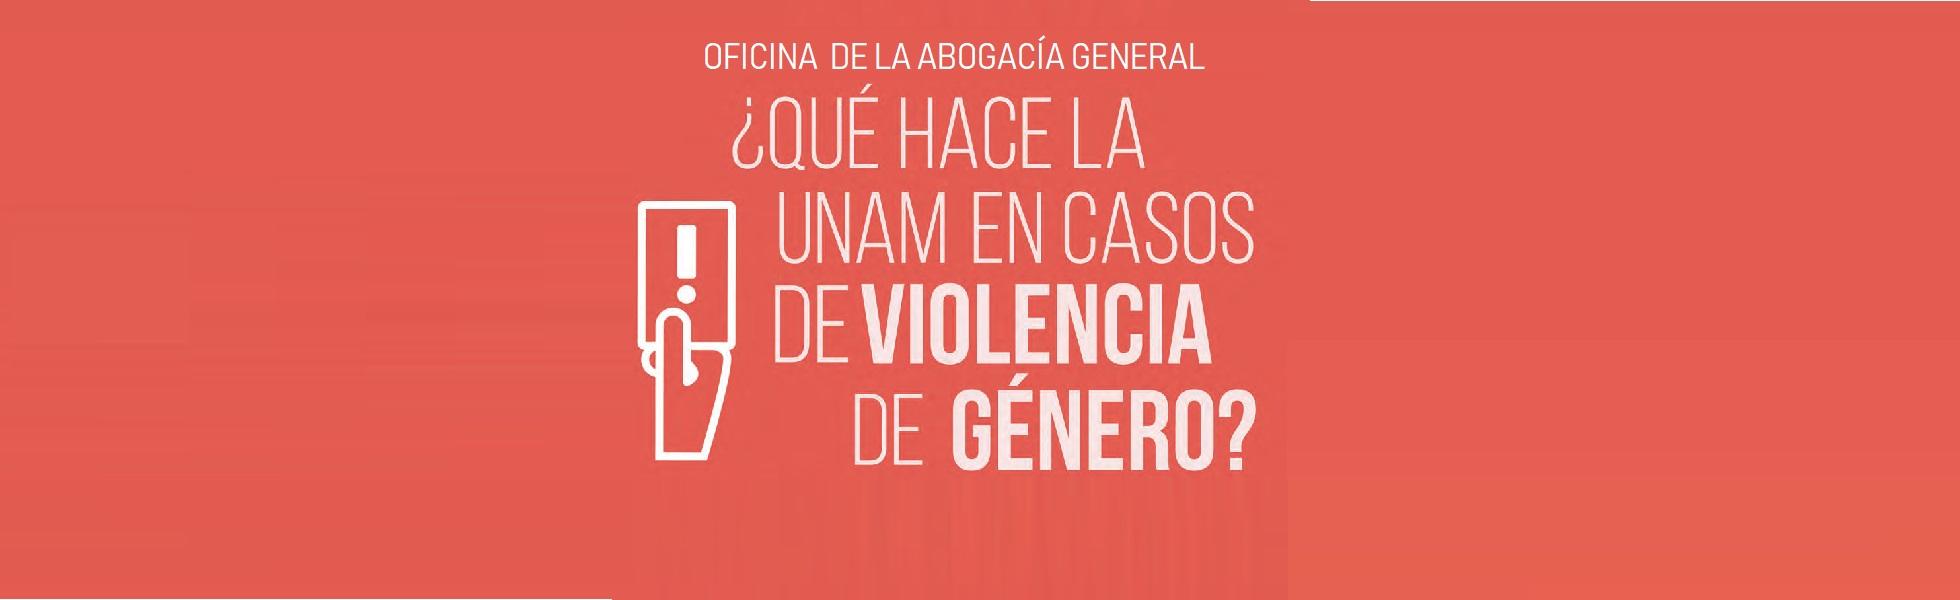 ¿Qué hace la UNAM en casos de violencia de género?